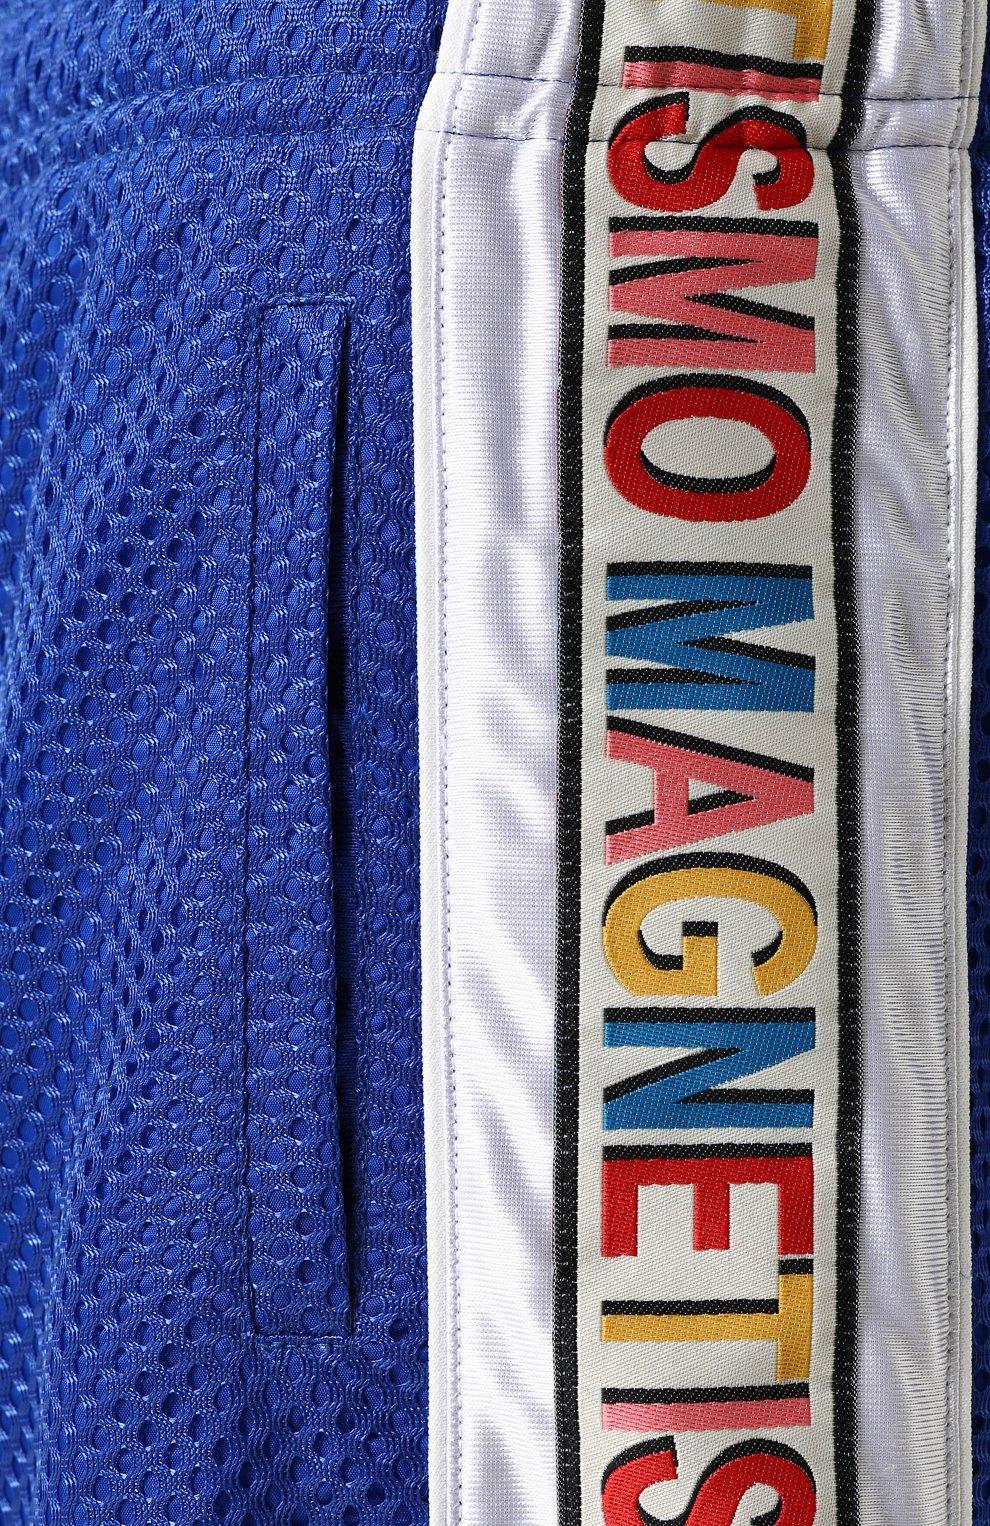 Мужские шорты свободного кроя с поясом на резинке GUCCI синего цвета, арт. 519486/X9S85 | Фото 5